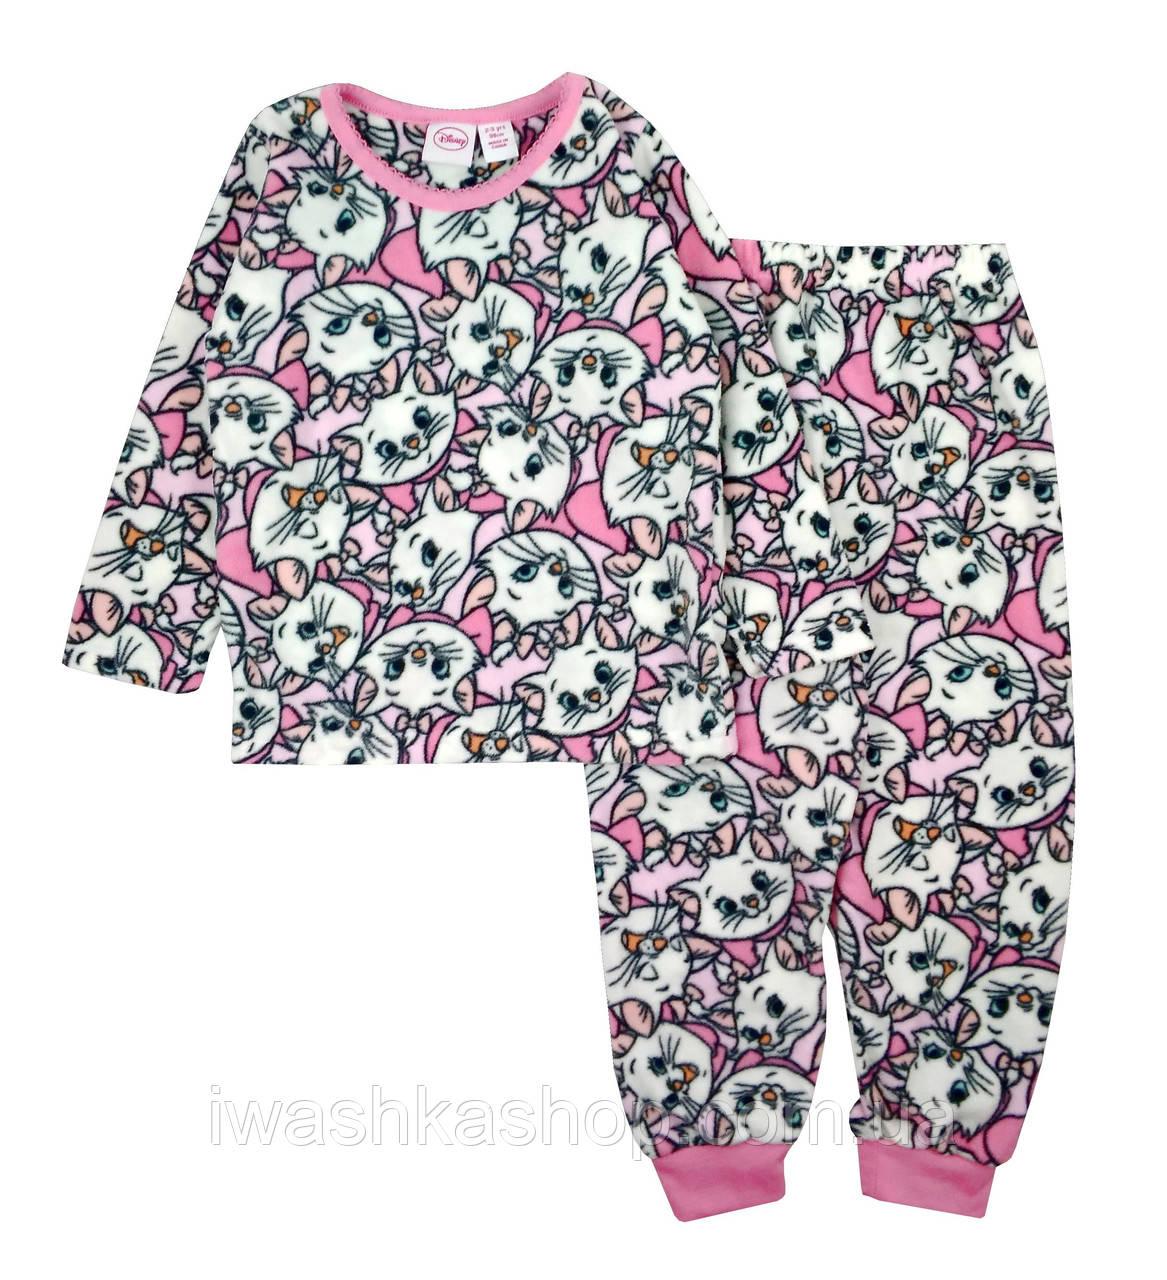 Теплая флисовая пижама с кошечкой Мари для девочки 2 - 3 года, р. 98, Primark / Disney.